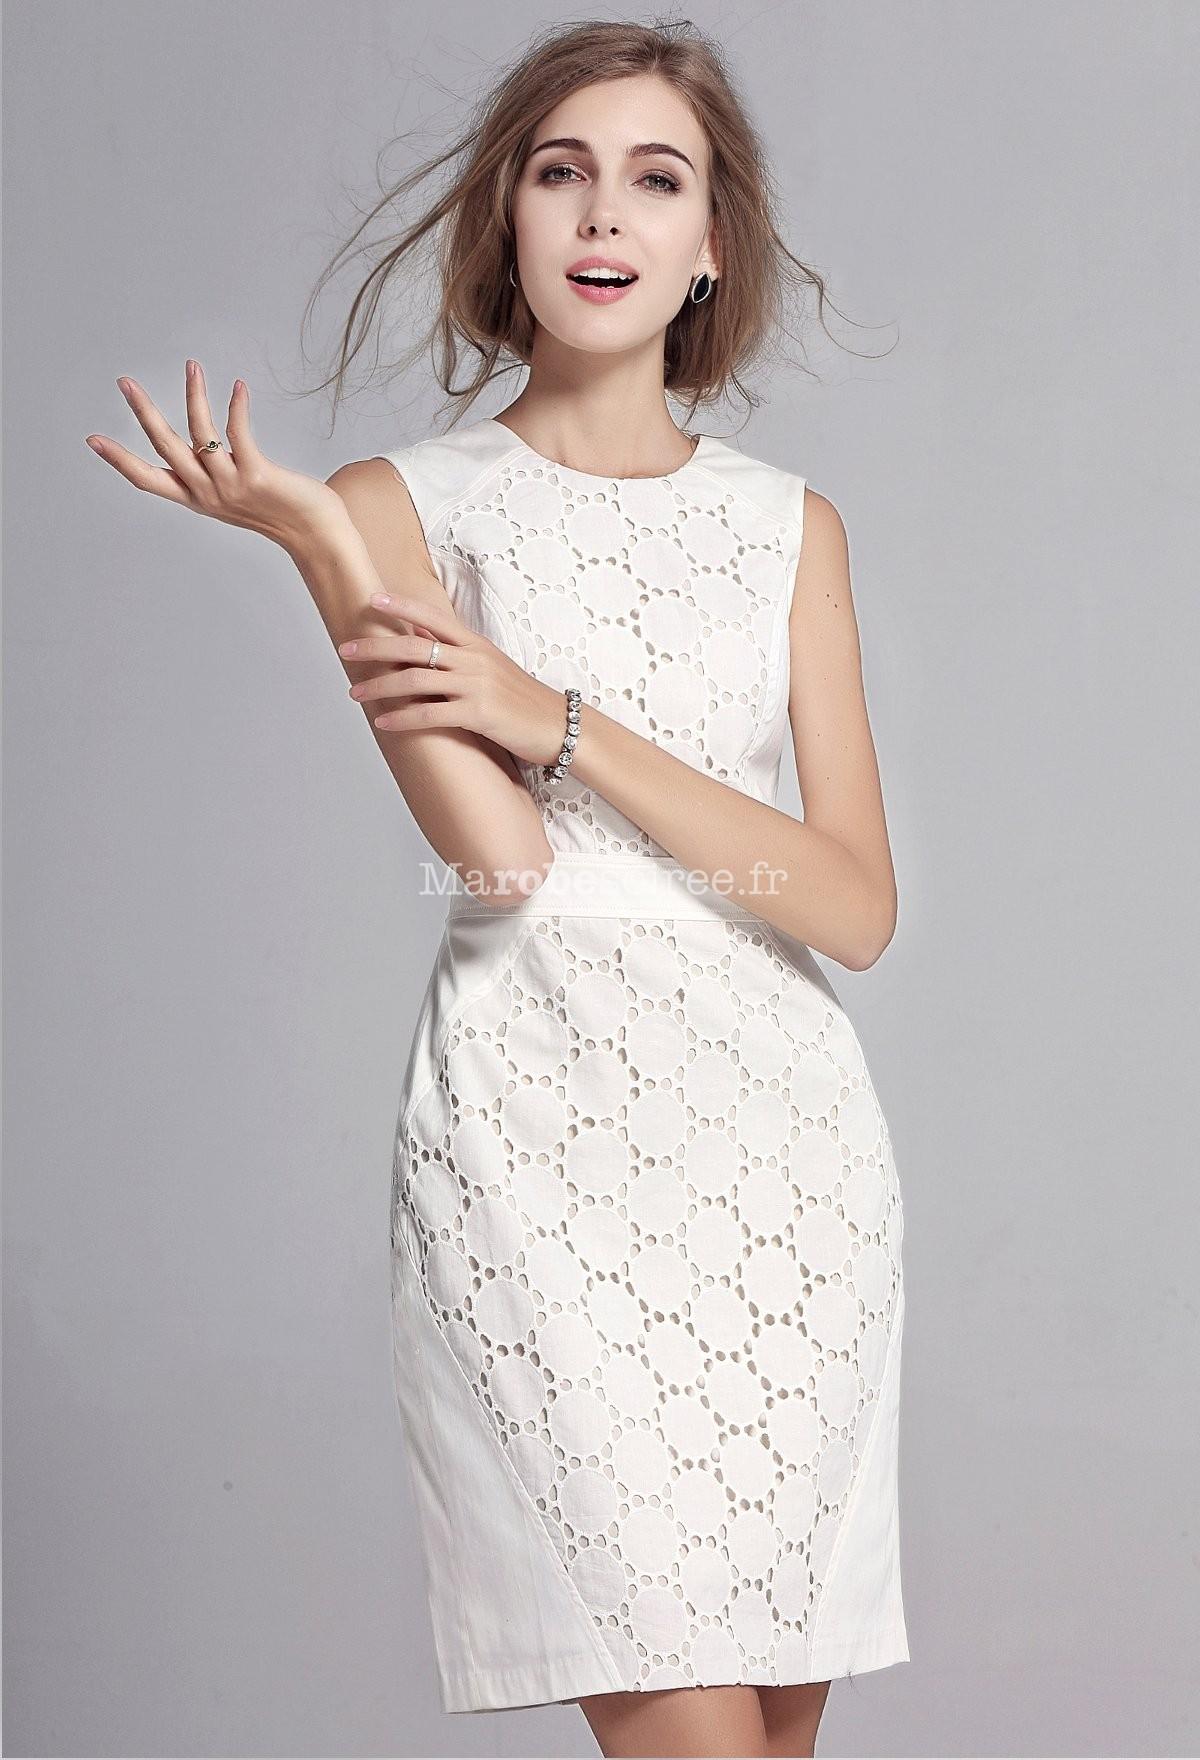 Robe blanche motif